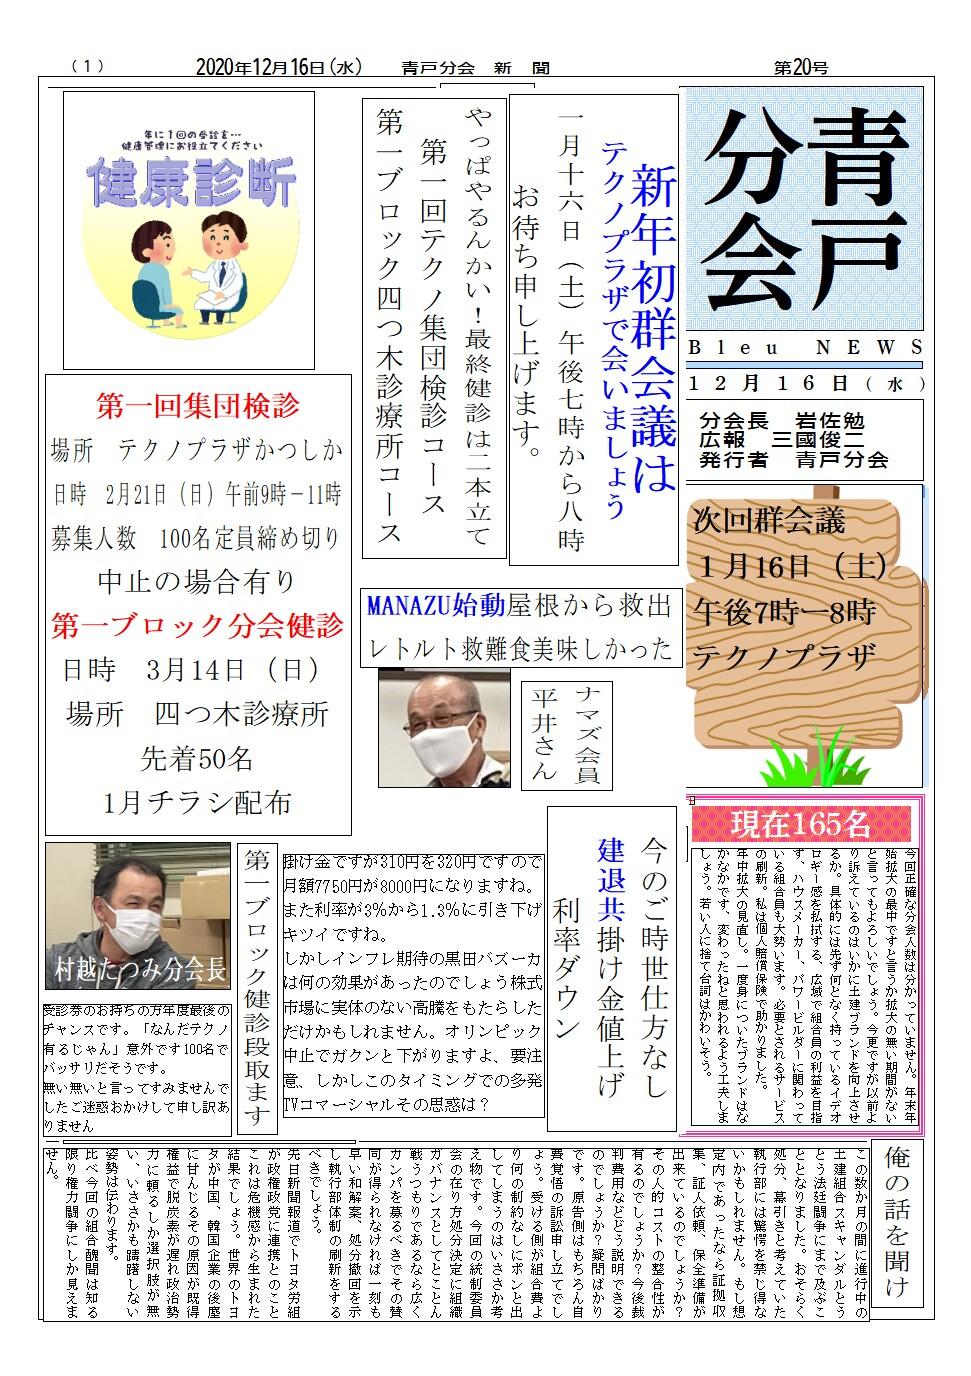 青戸分会新聞 12月号 21号 表面